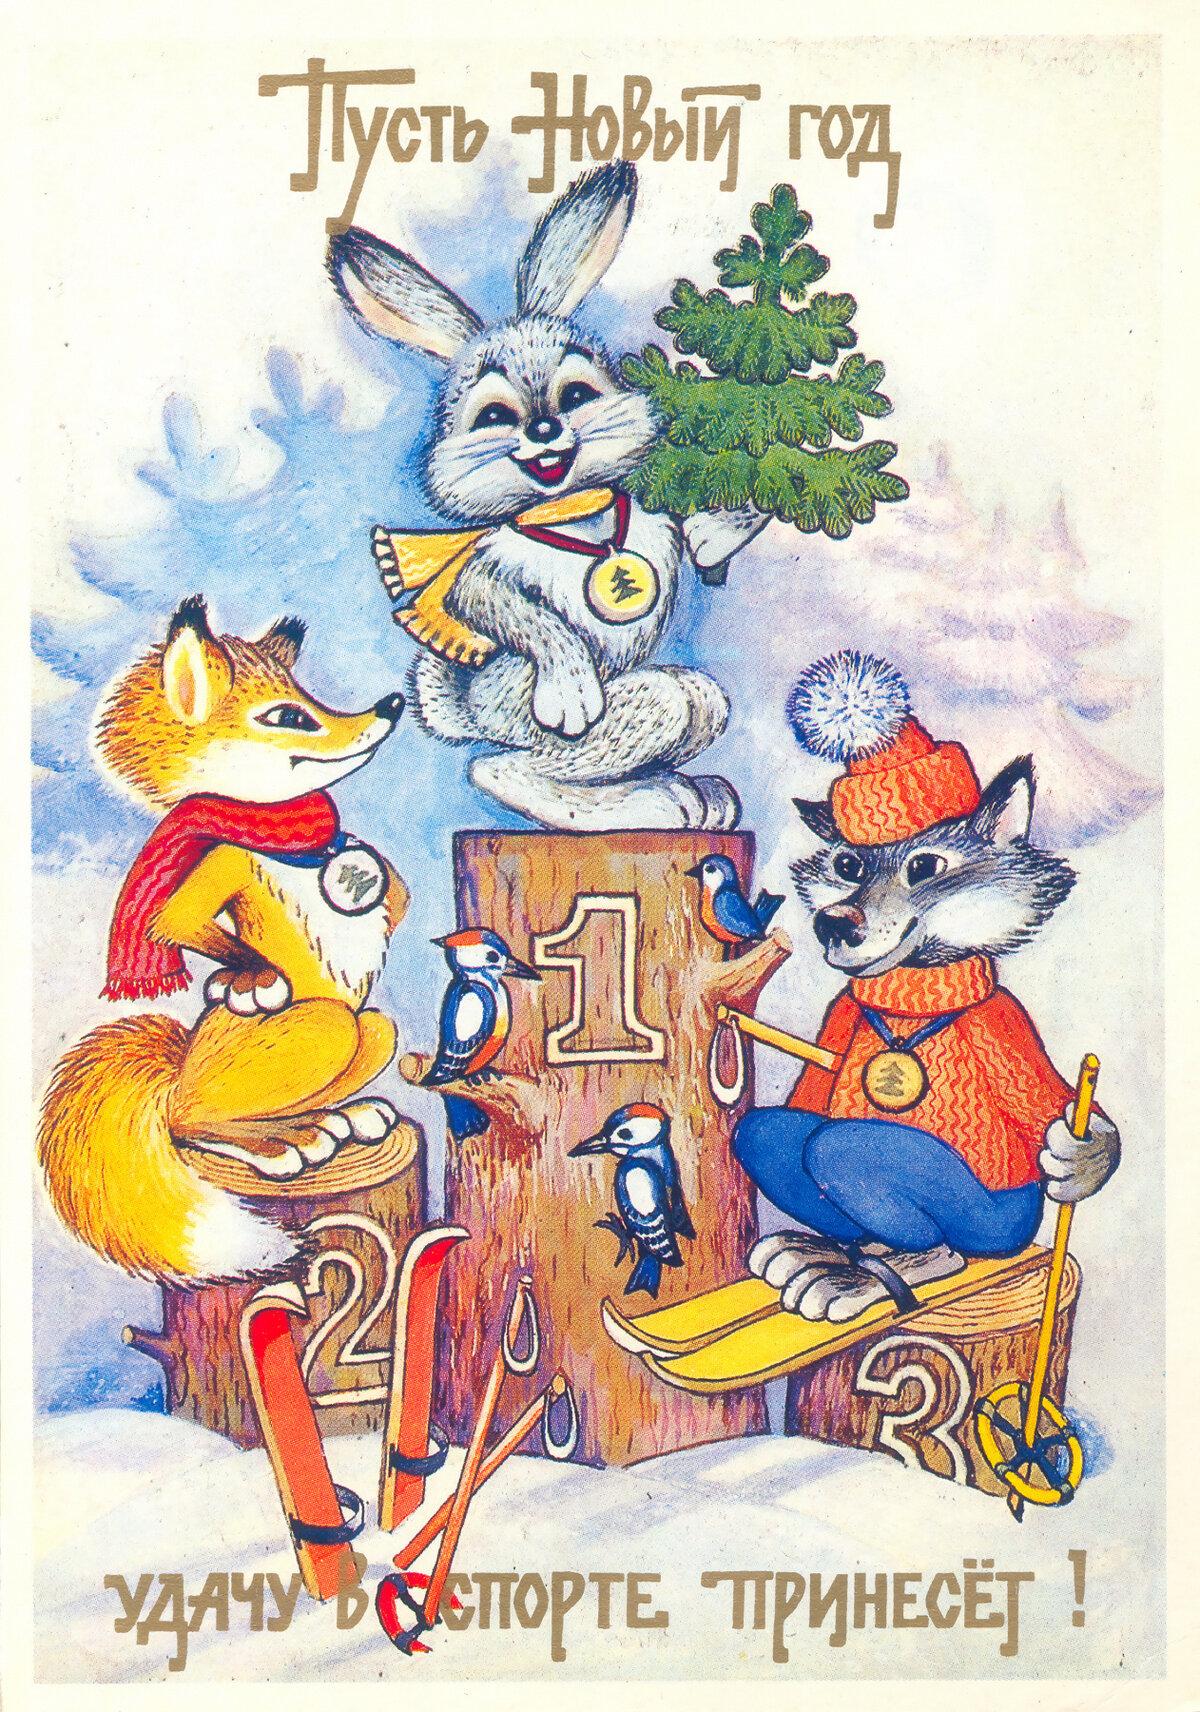 Дня, открытки ссср с наступающим новым годом